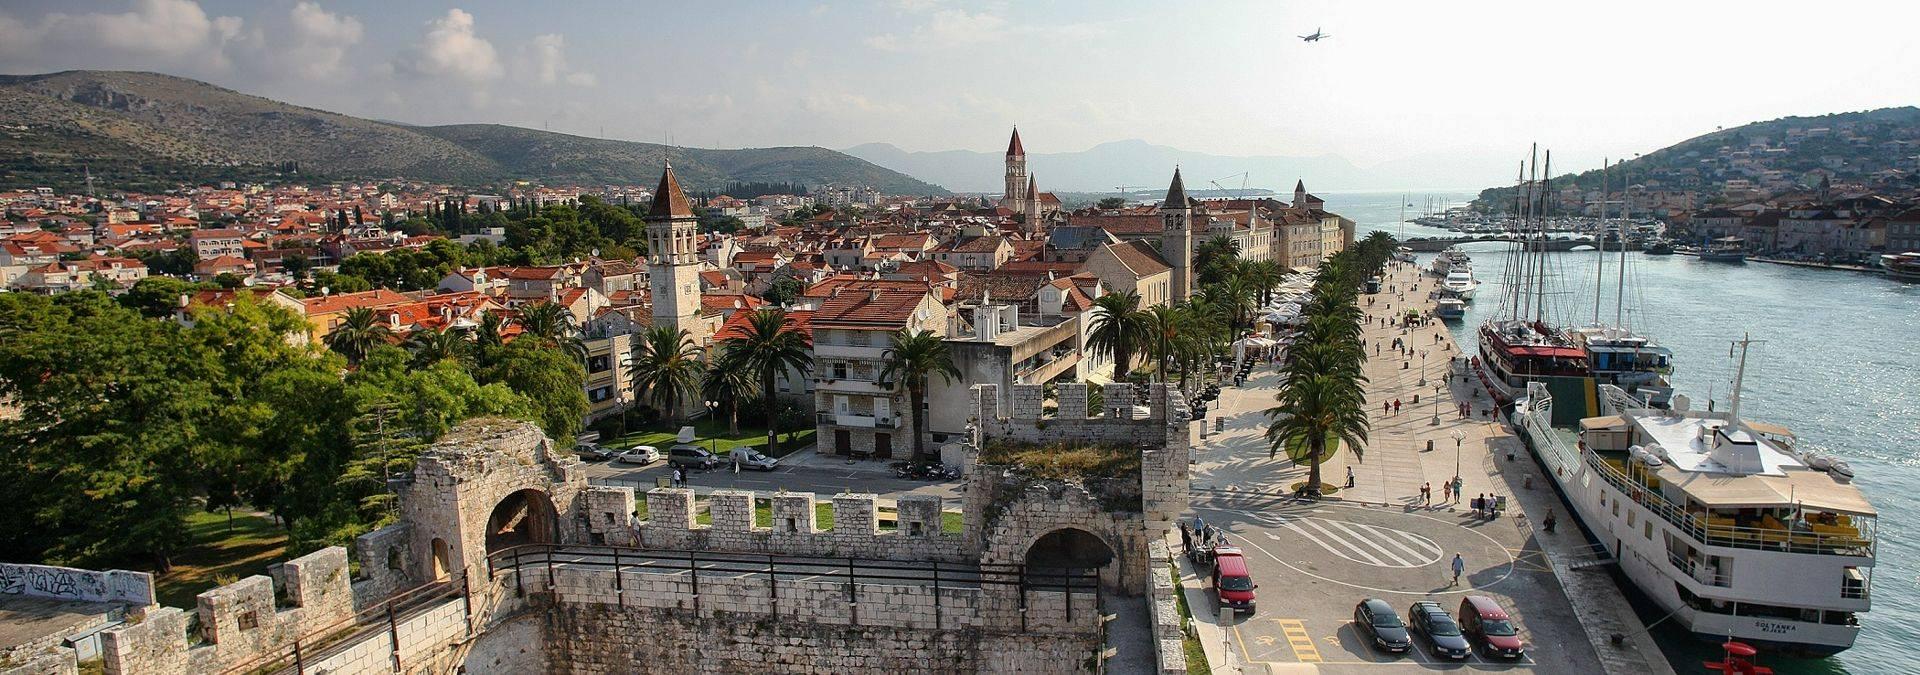 Trogir Credit Denis Peros And Croatian National Tourist Board